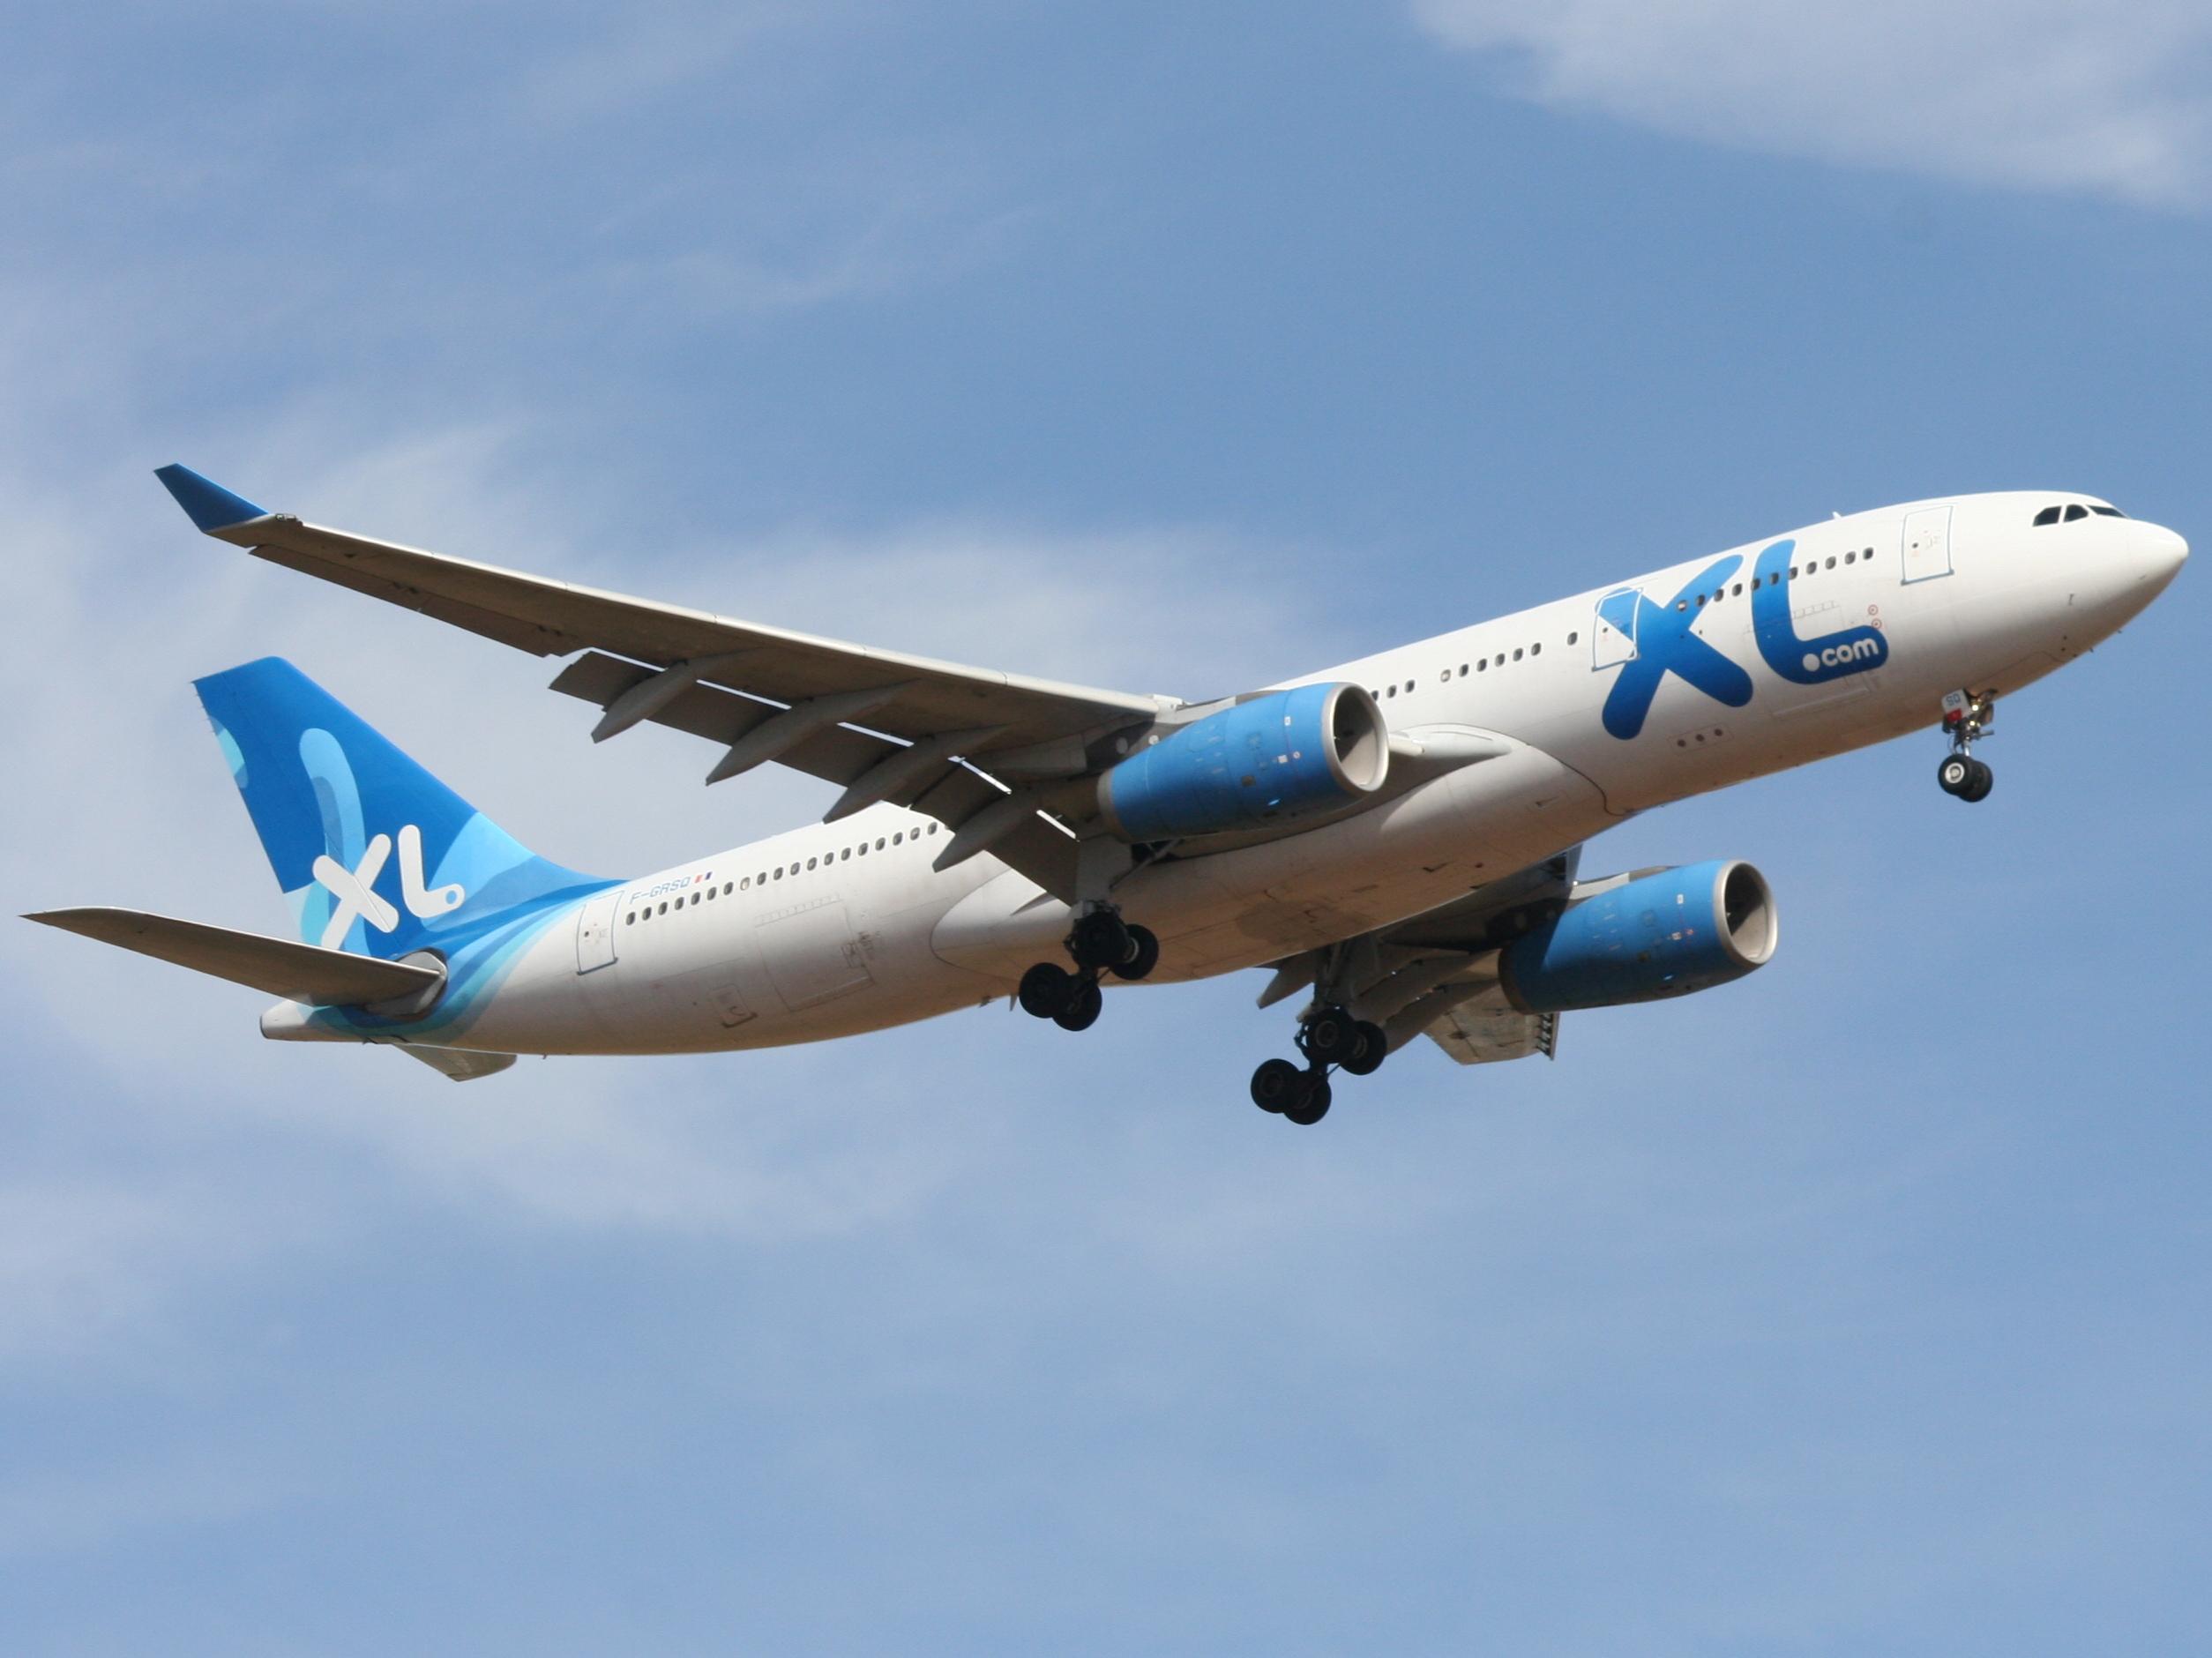 En Airbus A330-200 fra det franske flyselskab XL Airways. Foto: Oyoyoy, CC 4.0